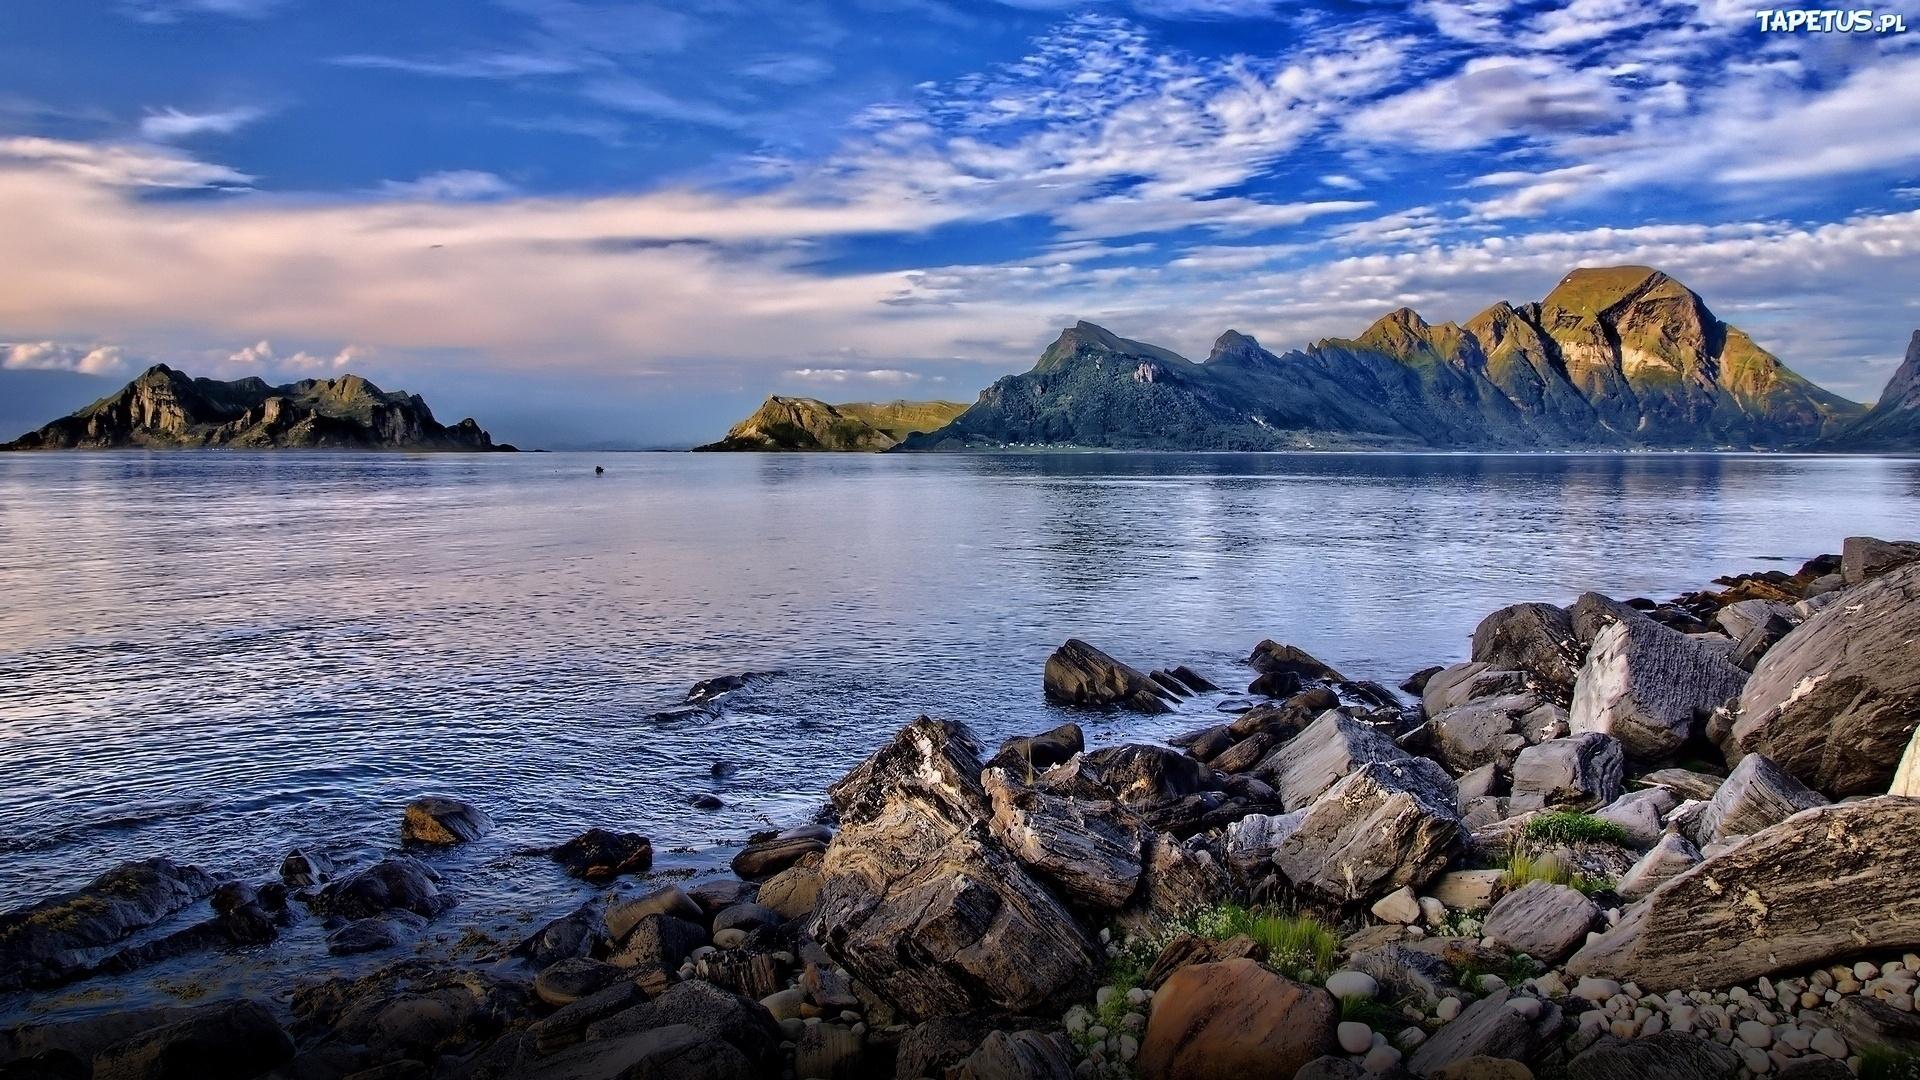 горы озеро берег mountains the lake shore бесплатно